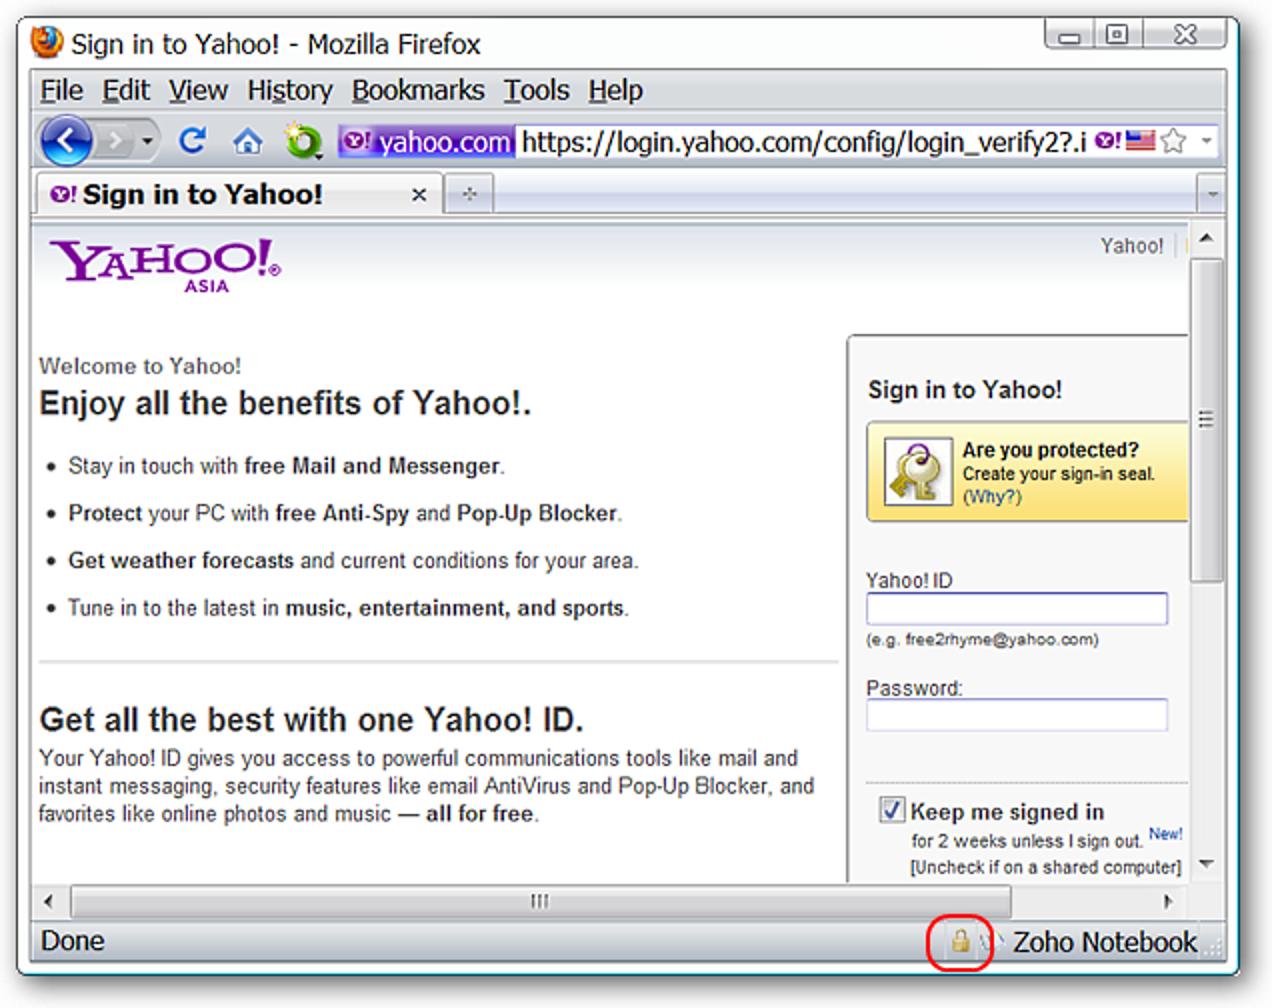 Anzeigen der Sicherheitsstufe einer Website in der Adressleiste von Firefox